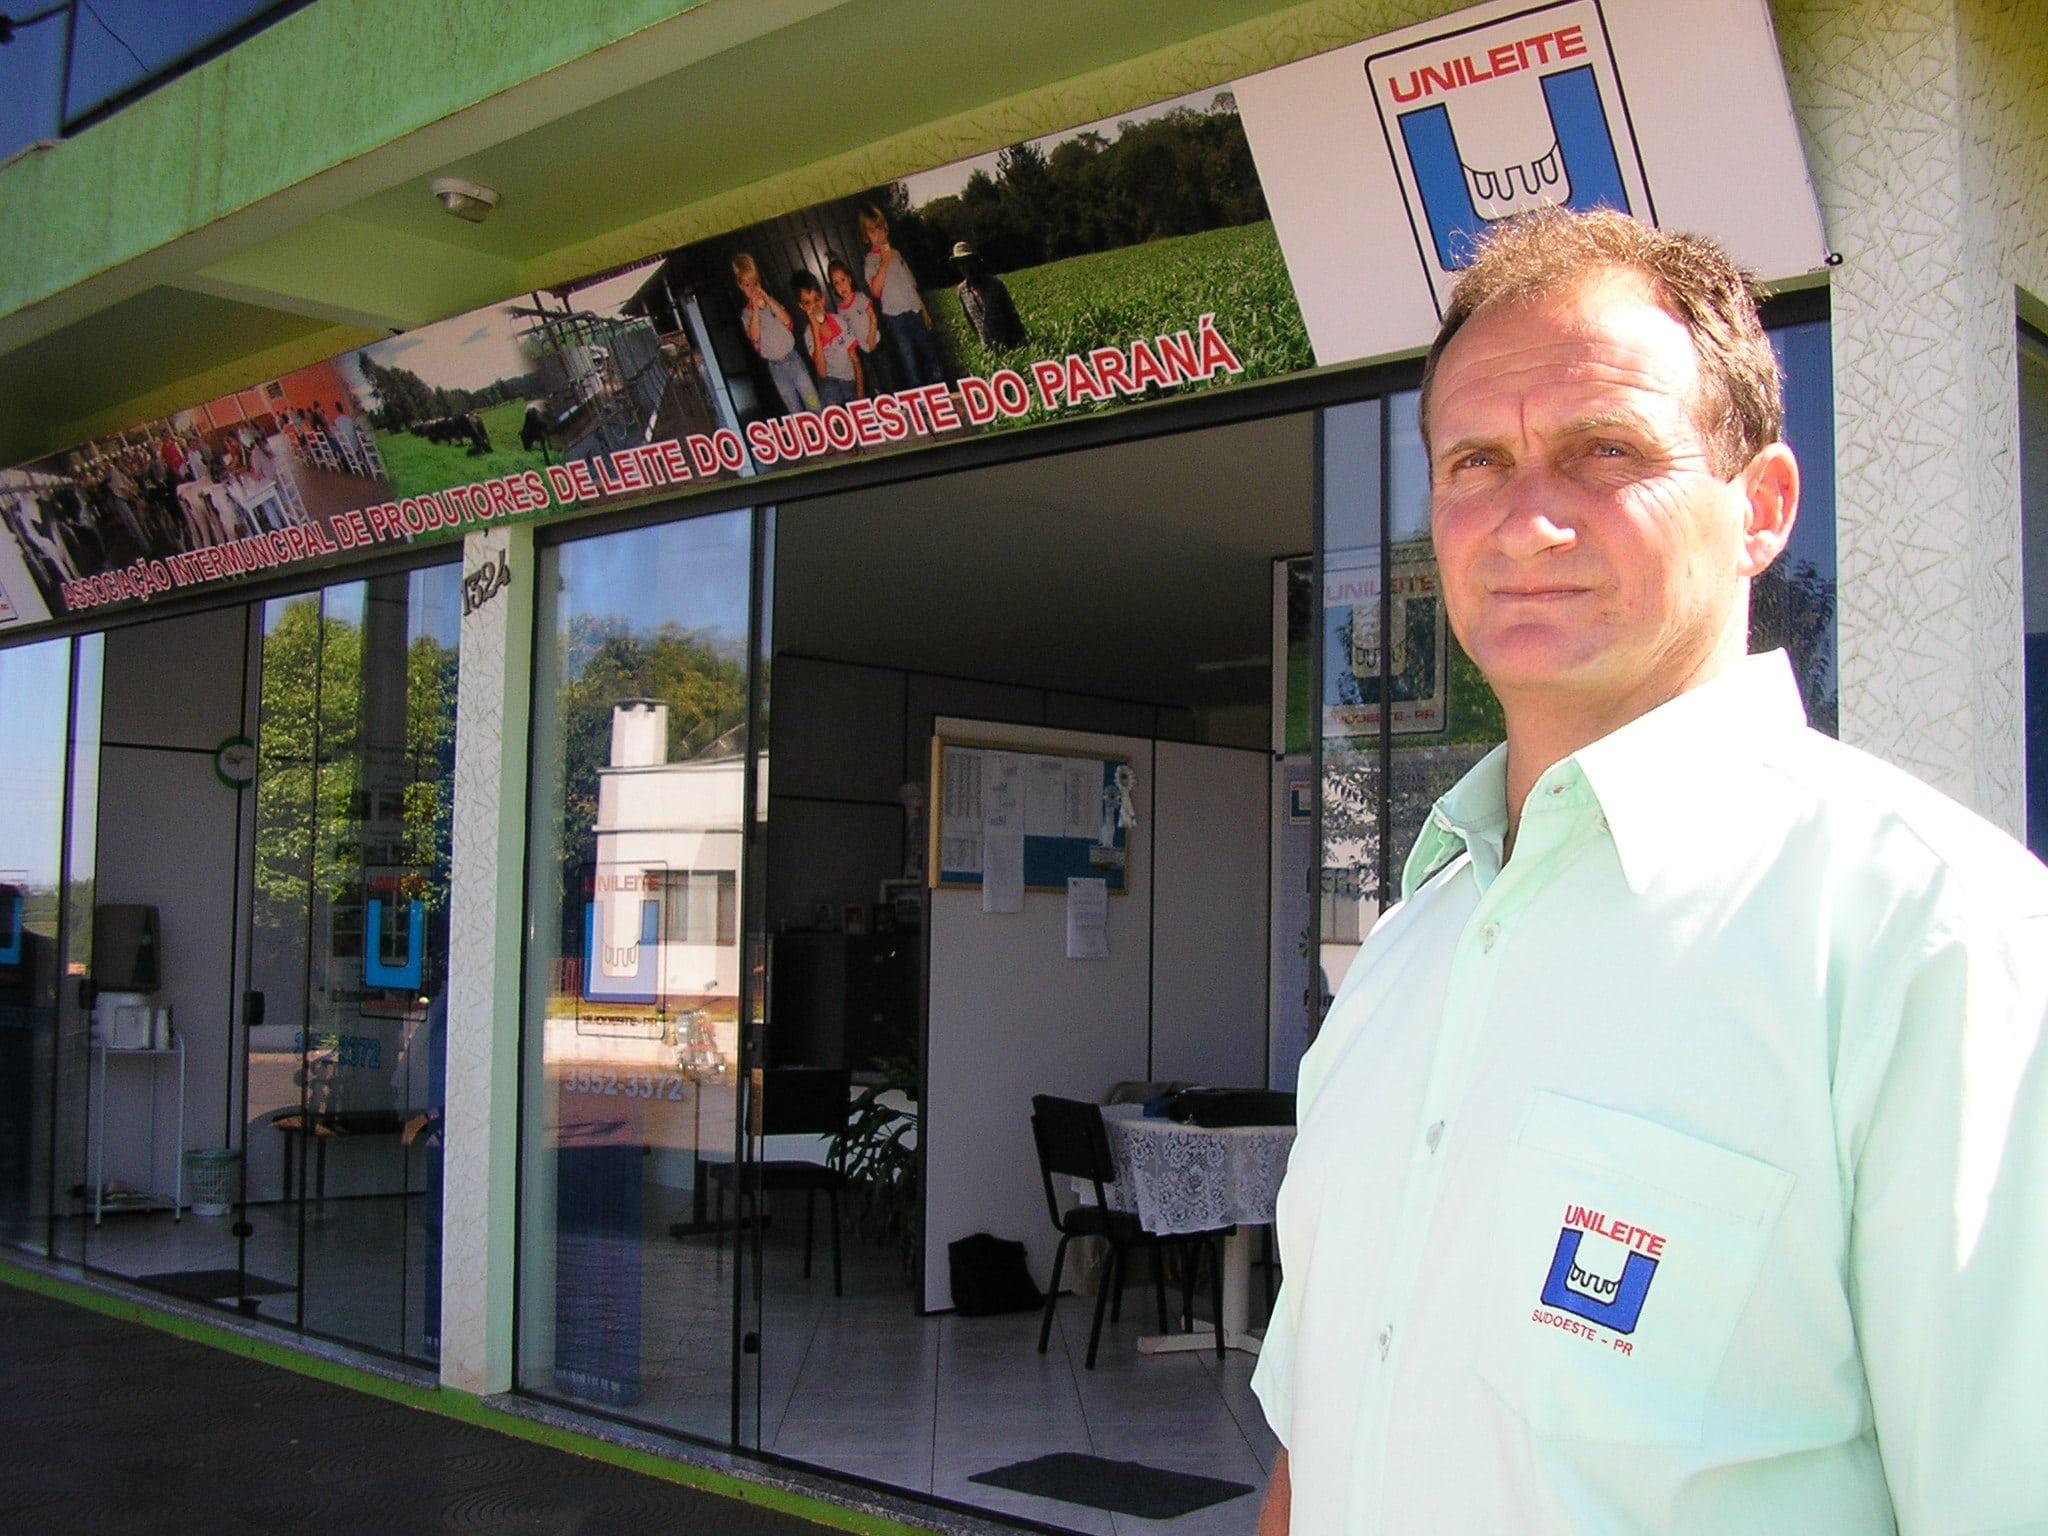 Entretien avec Moacir Klein,  président de l'association Unileite au Brésil